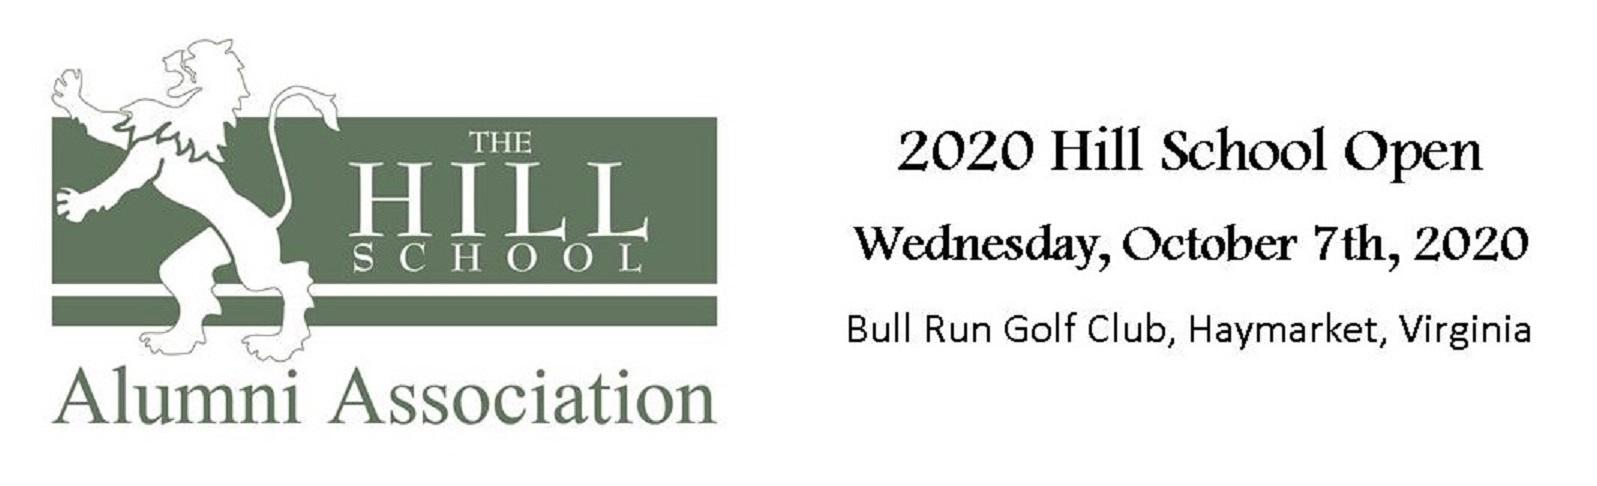 The 2020 Hill School Open Golf Tournament logo